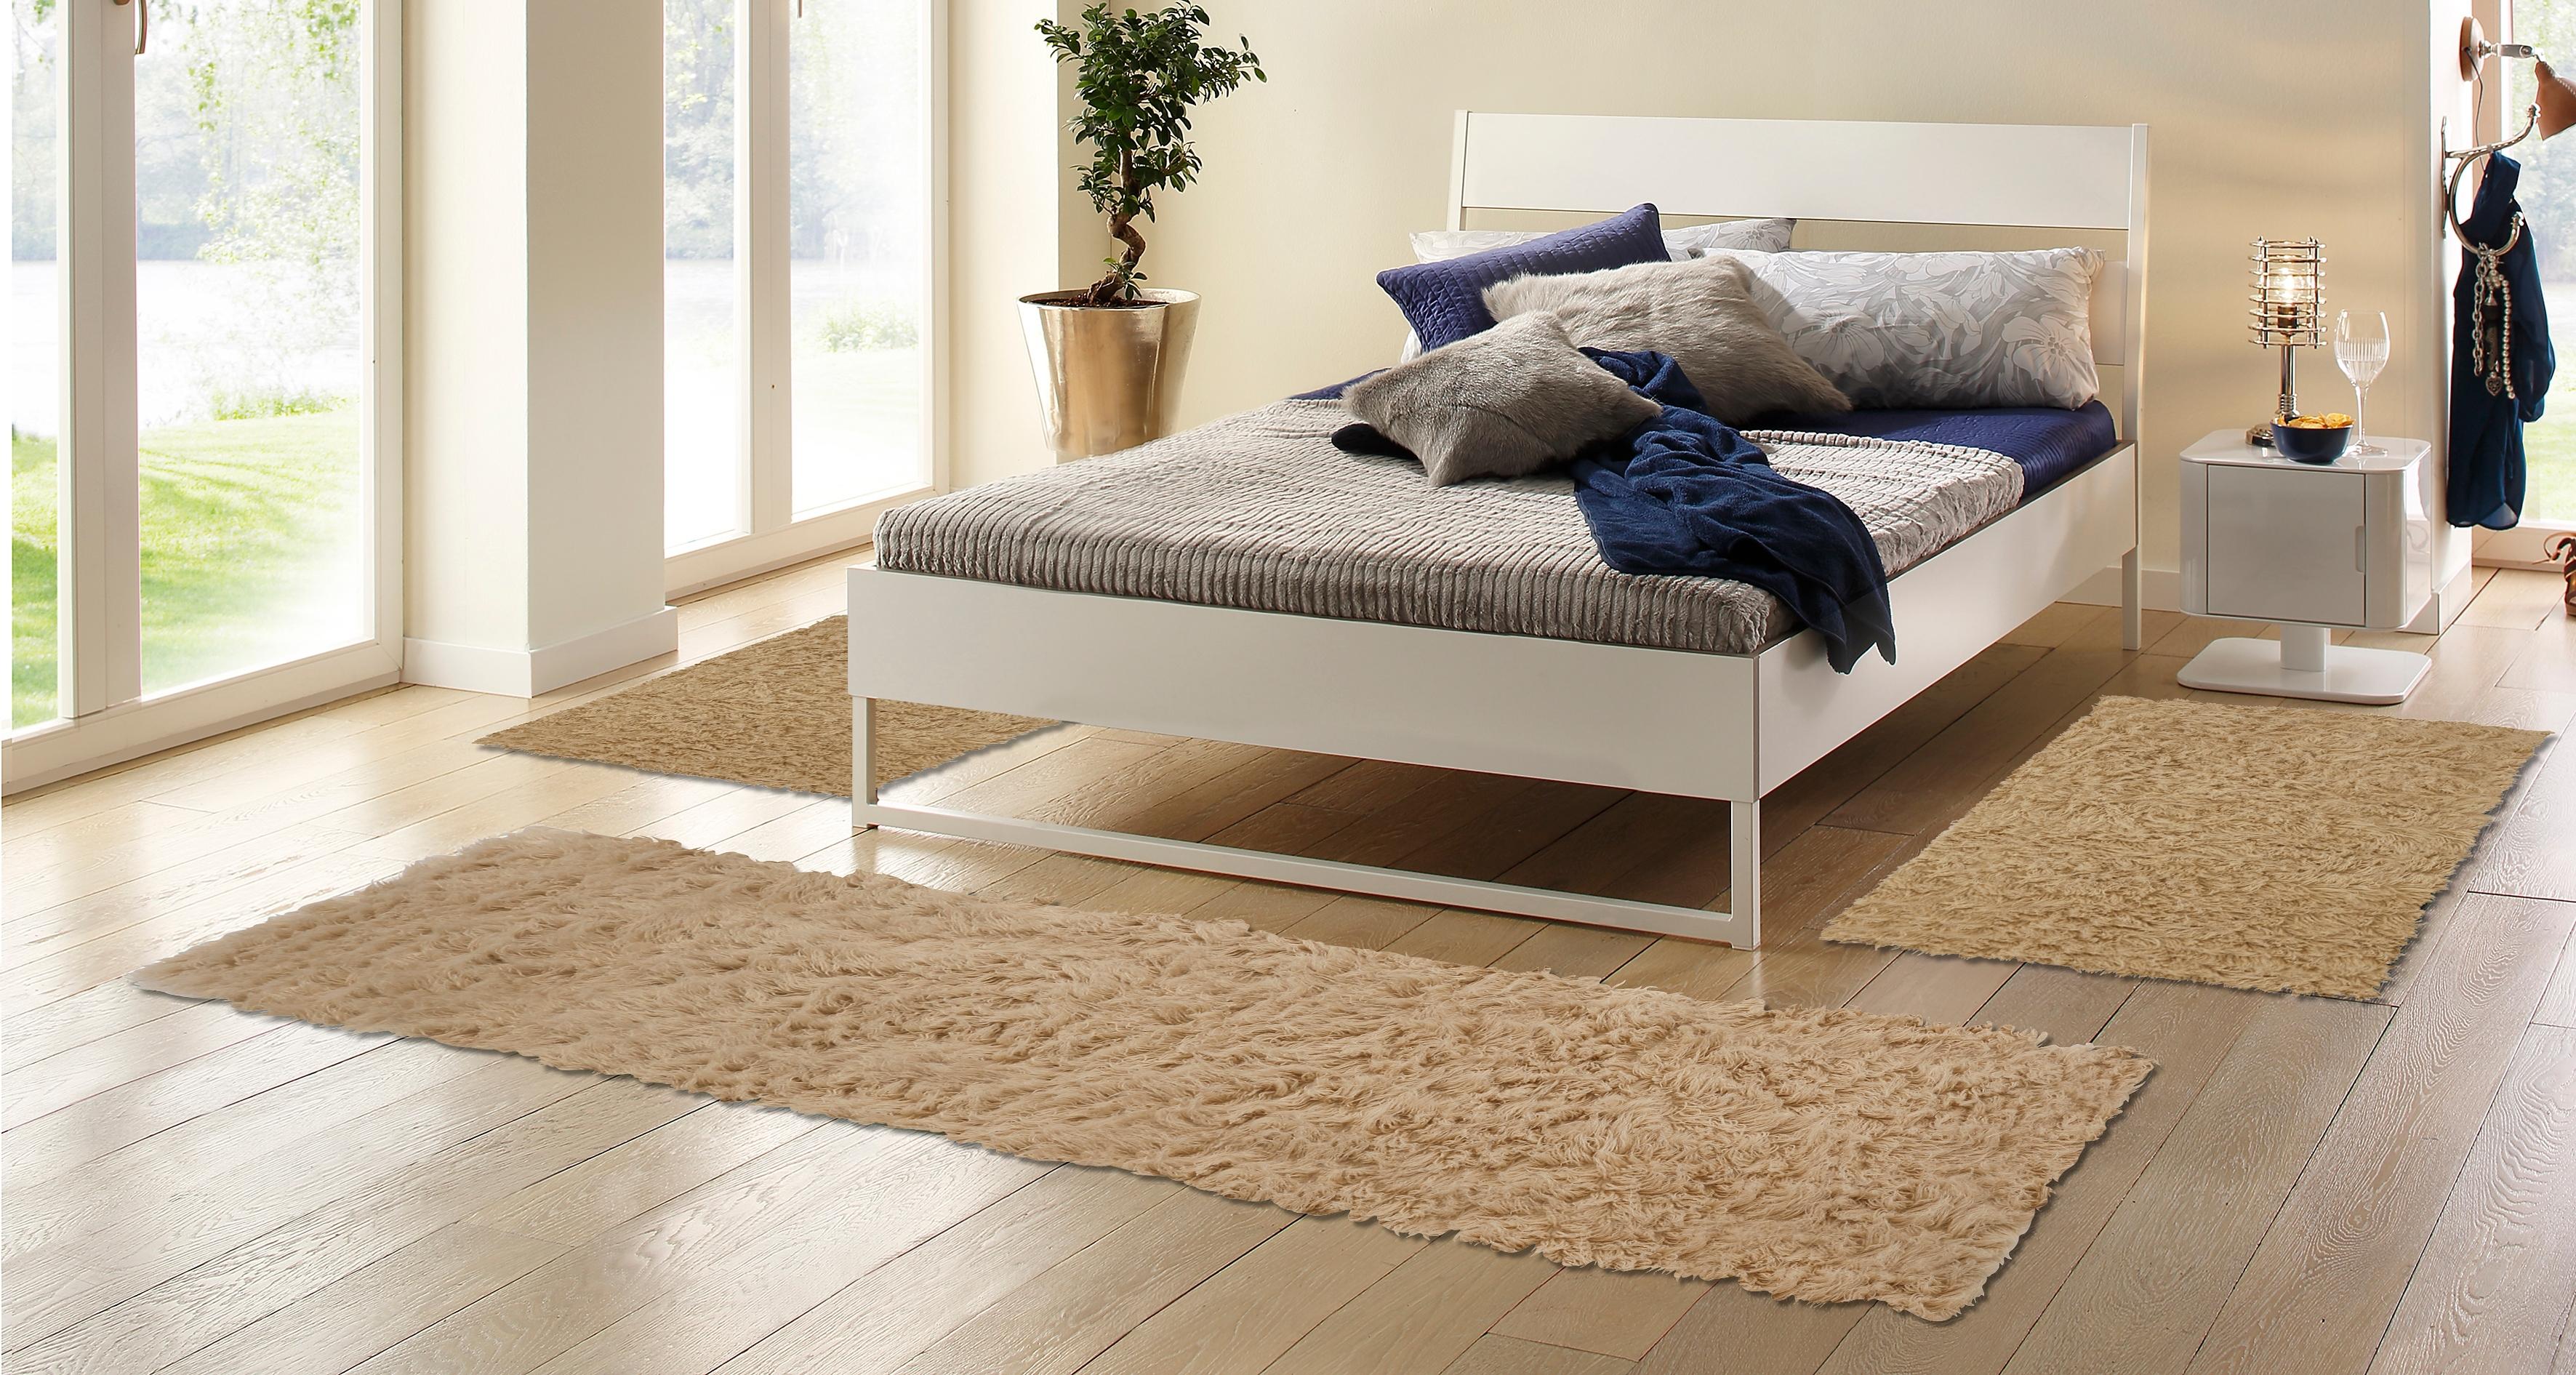 Böing Carpet set slaapkamerkleedjes Flokati 1500 g Slaapkamerkleed, loper-set voor de slaapkamer, zuivere wol, met de hand geweven goedkoop op otto.nl kopen